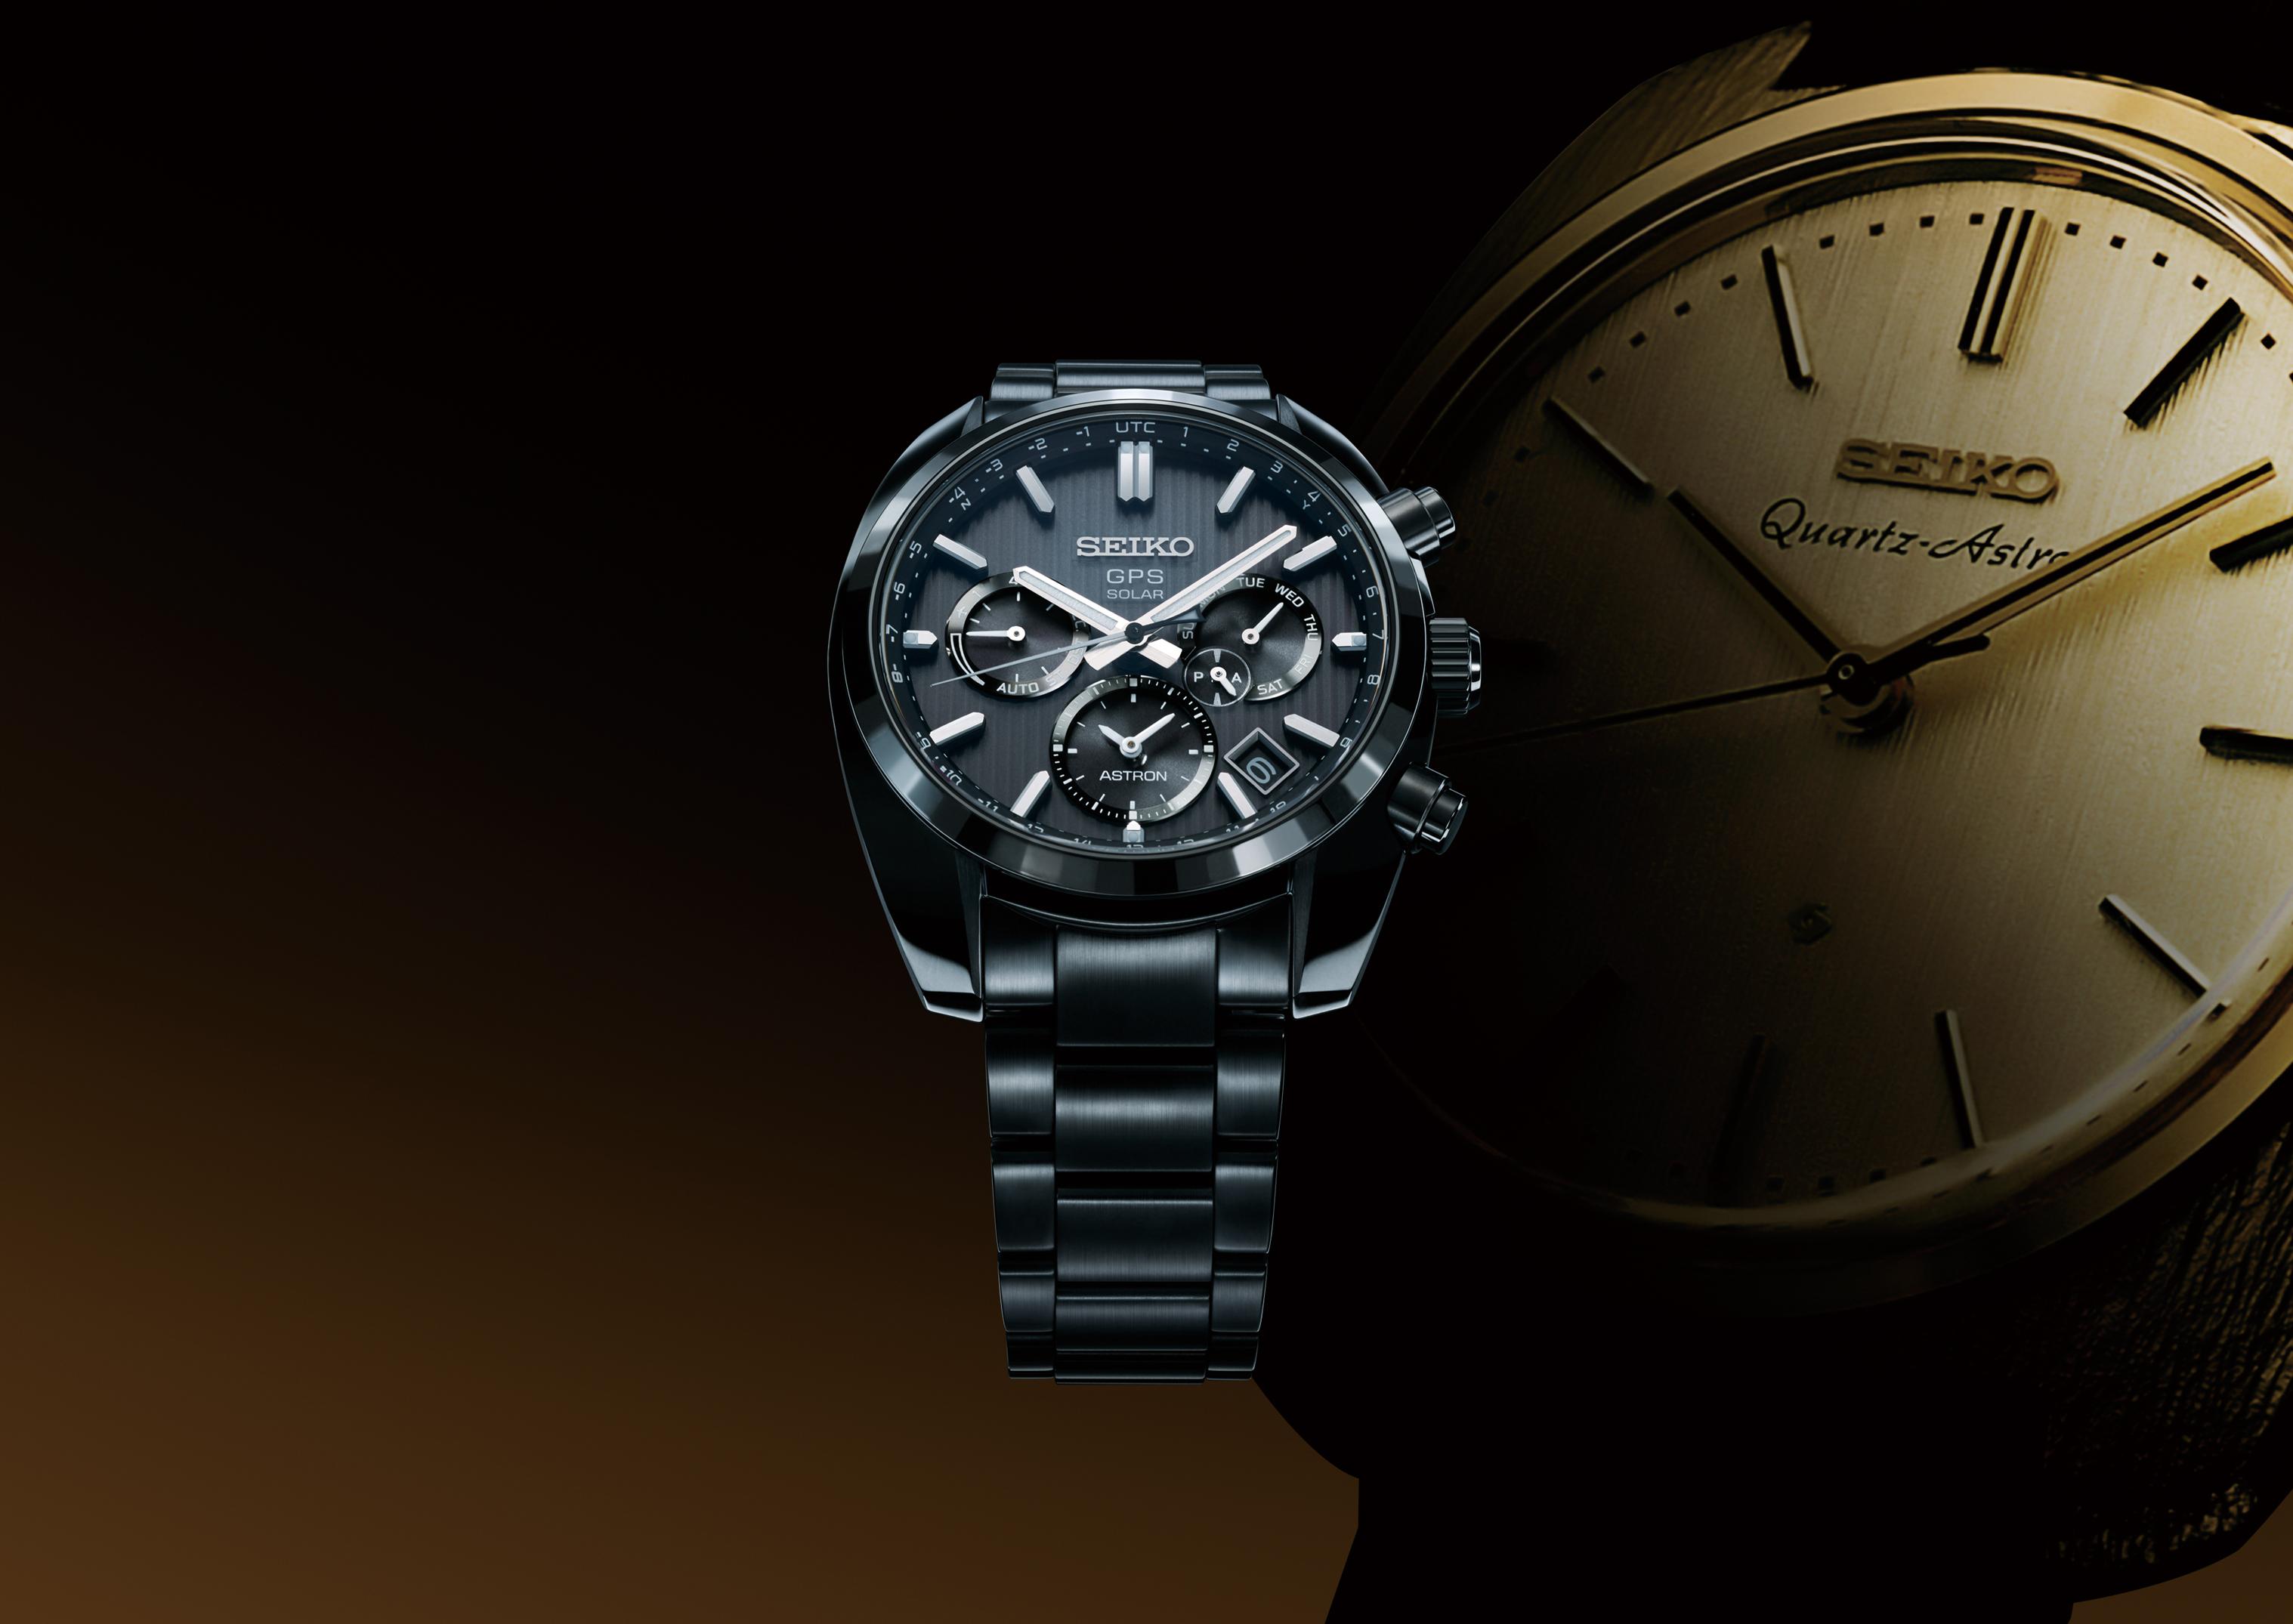 SEIKO 台灣精工 5X53 雙時區 鈦金屬錶款 SSH001J1